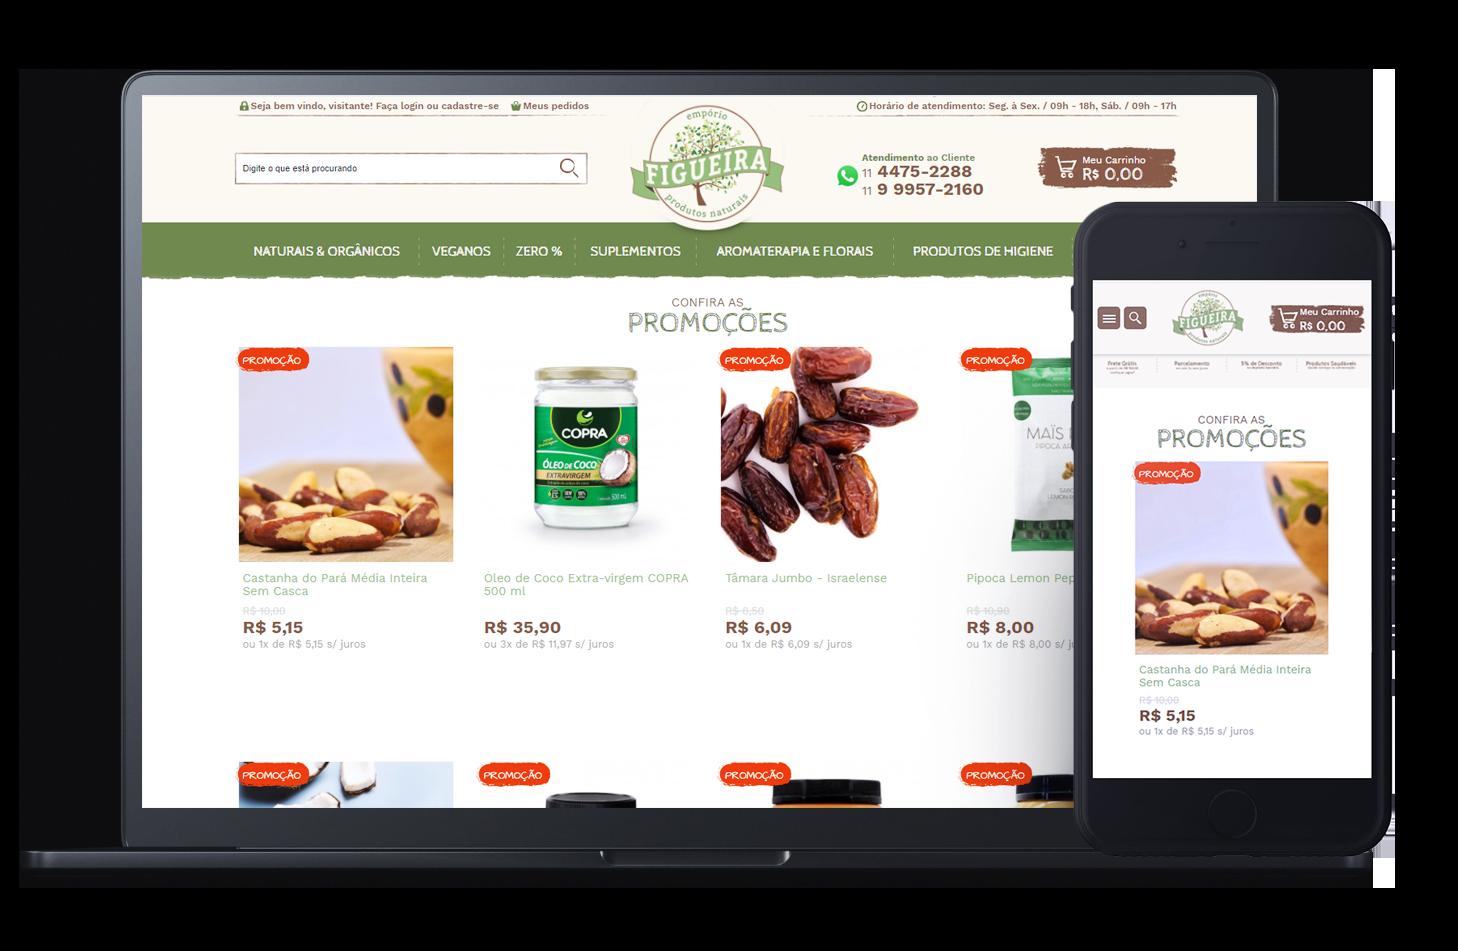 Mockup da loja virtual Empório Figueira, desenvolvida com a Plataforma de E-commerce Magento Bis2Bis